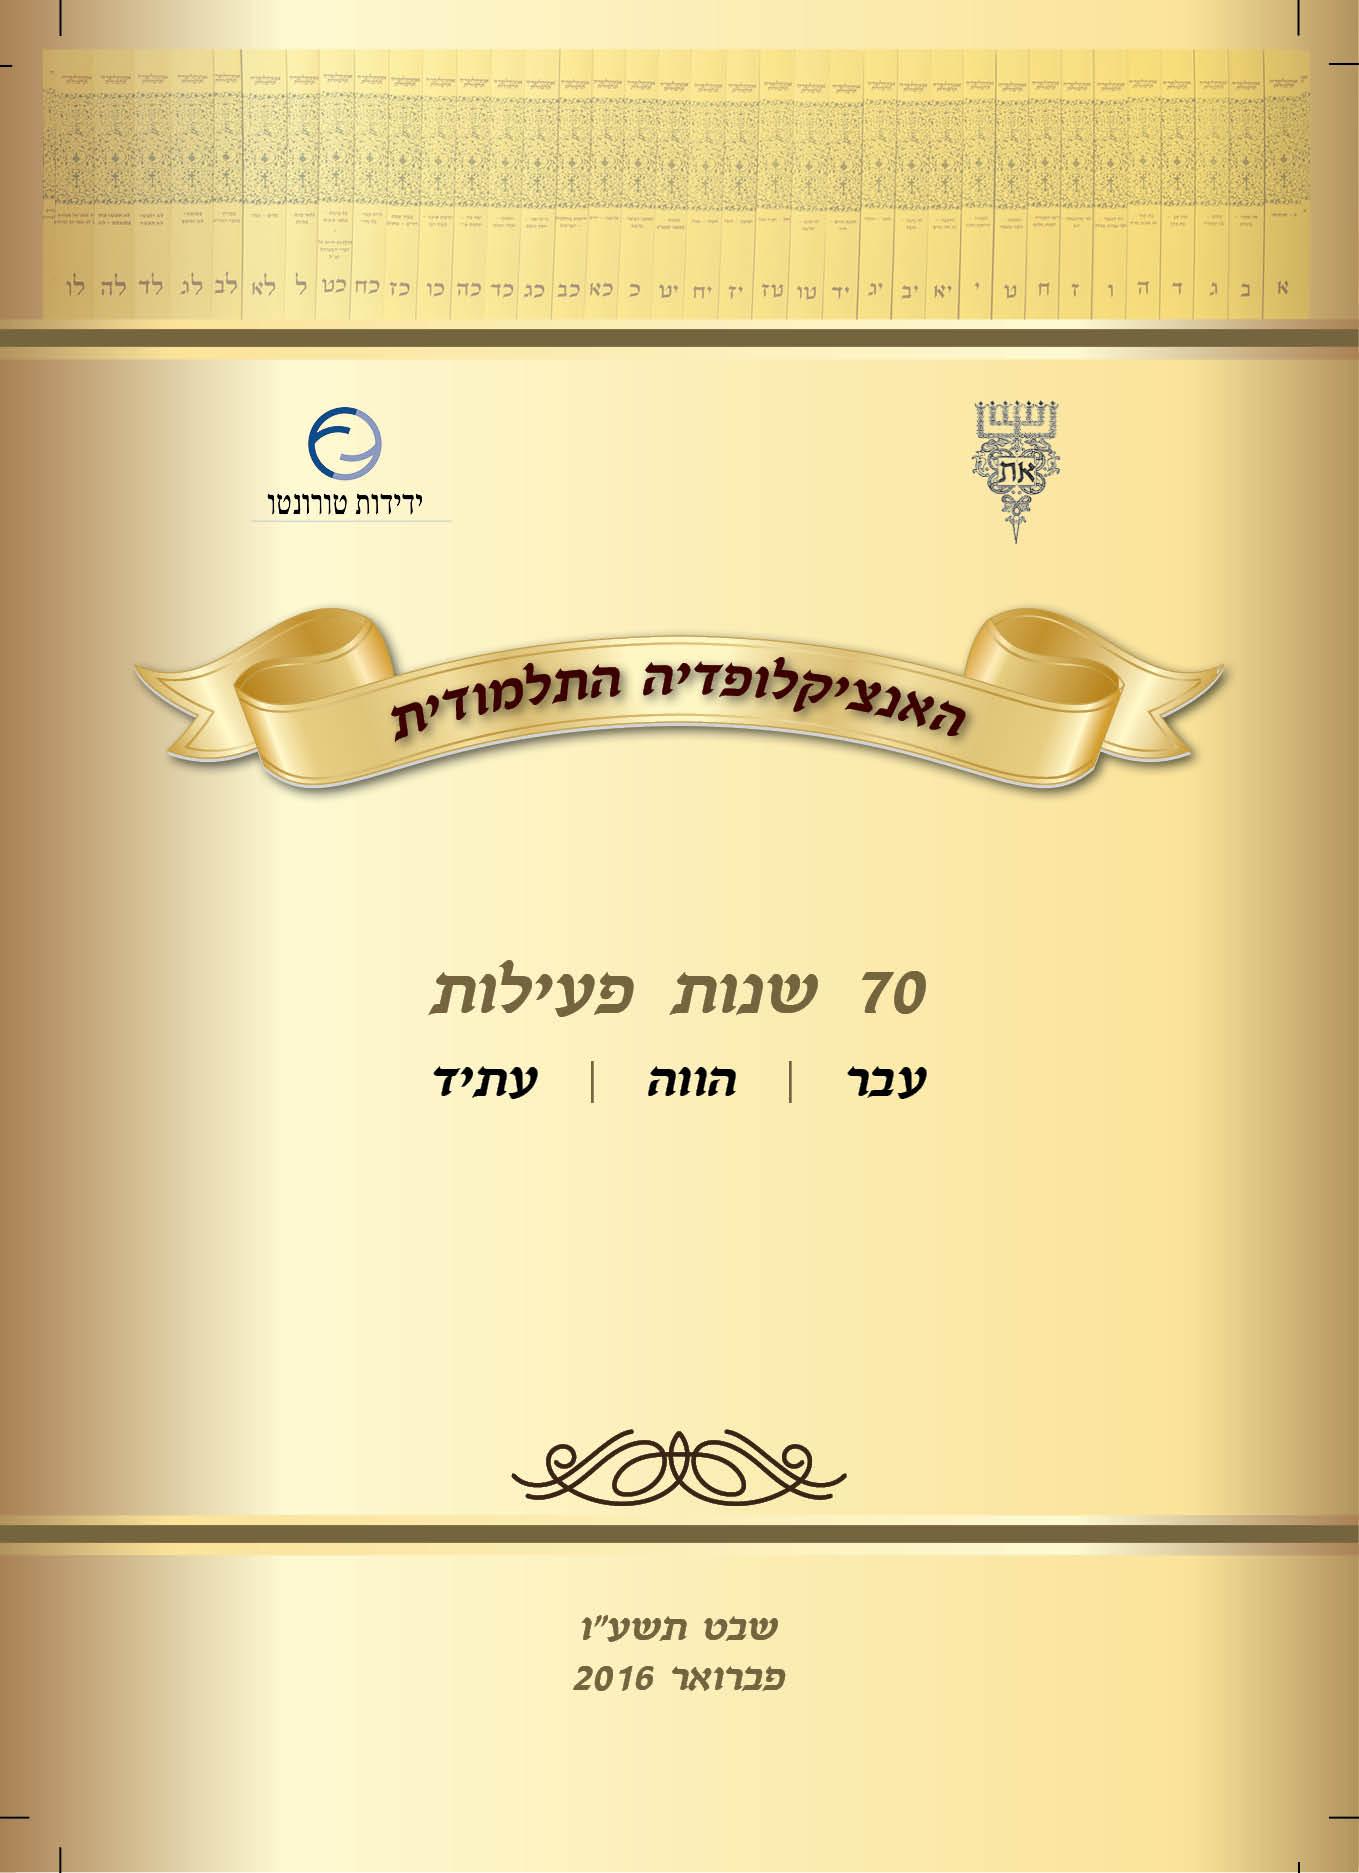 חוברת אנצת עברית - תדמית